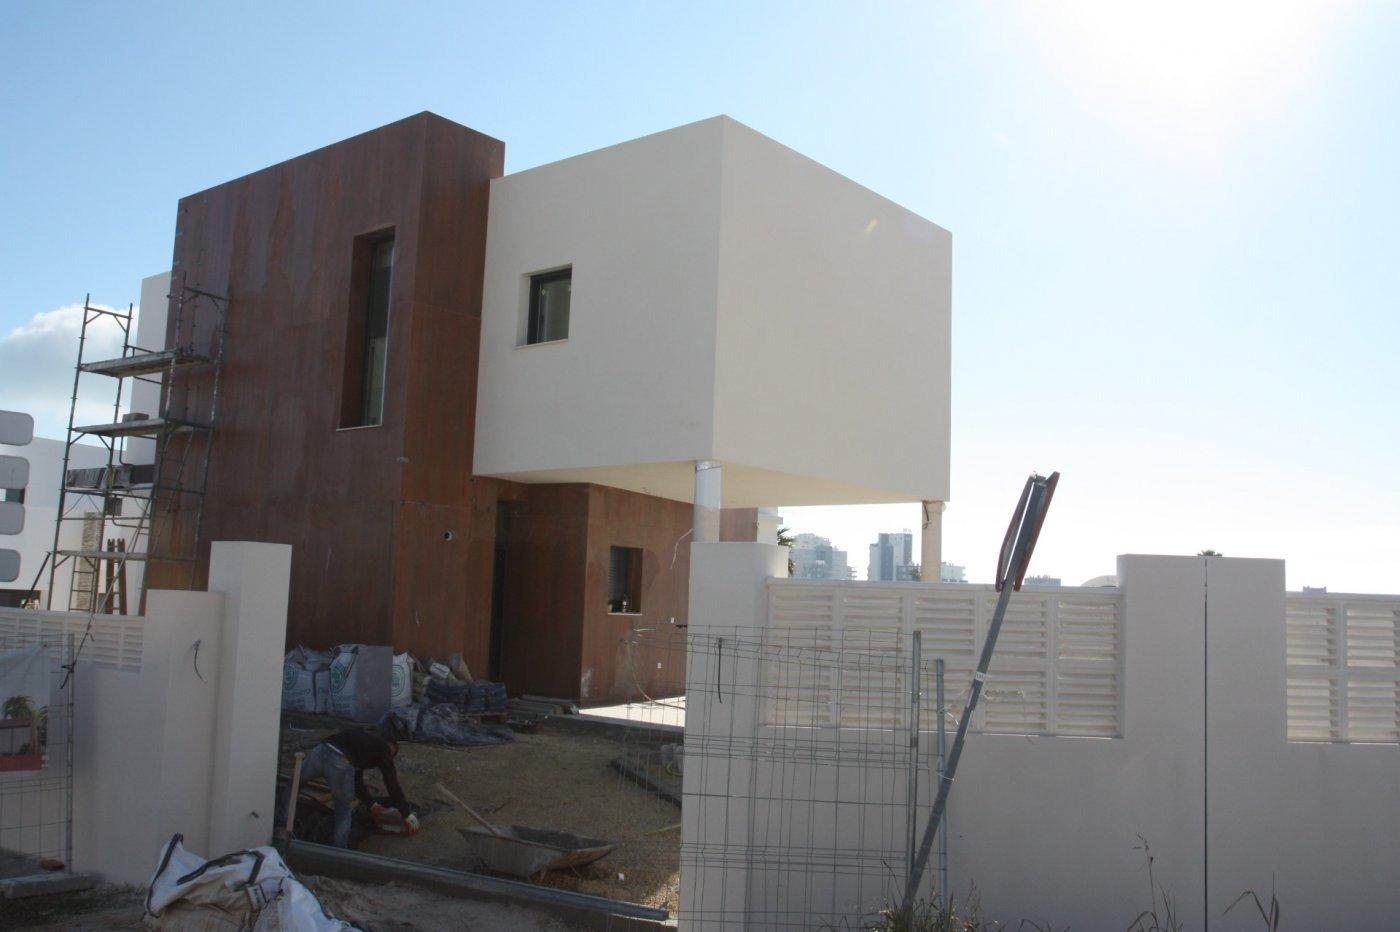 Villa de obra nueva de estilo moderno en venta en calpe a 600 m de la playa - imagenInmueble14